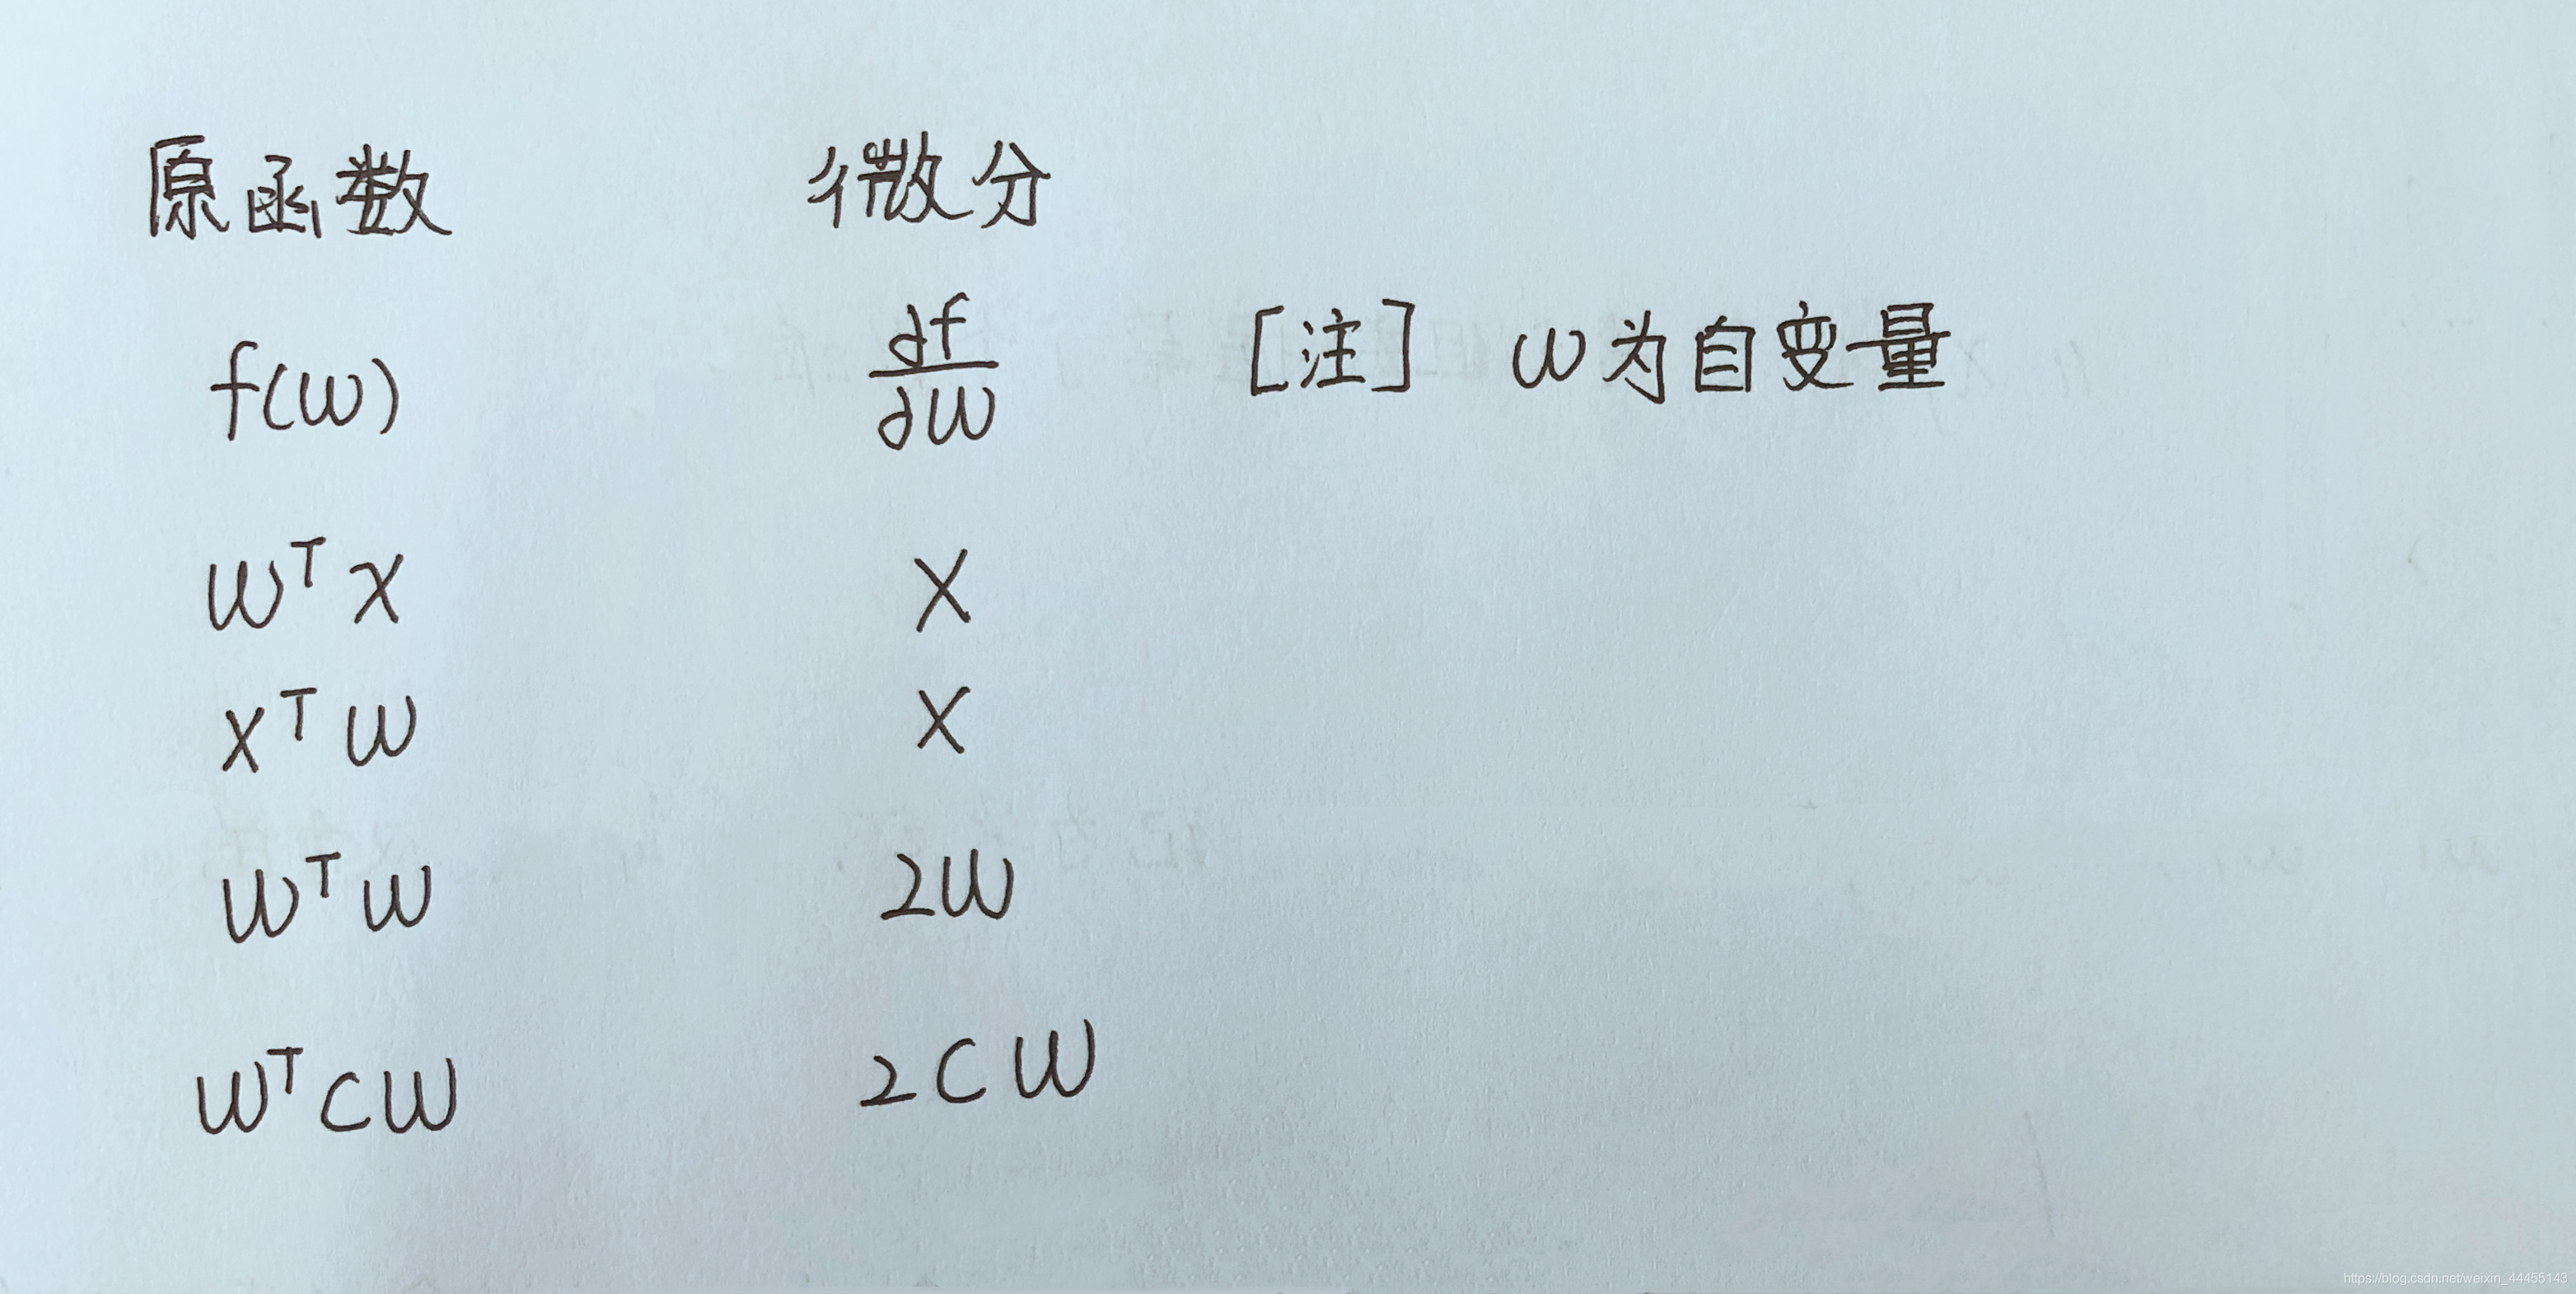 列向量作为自变量的微分公式